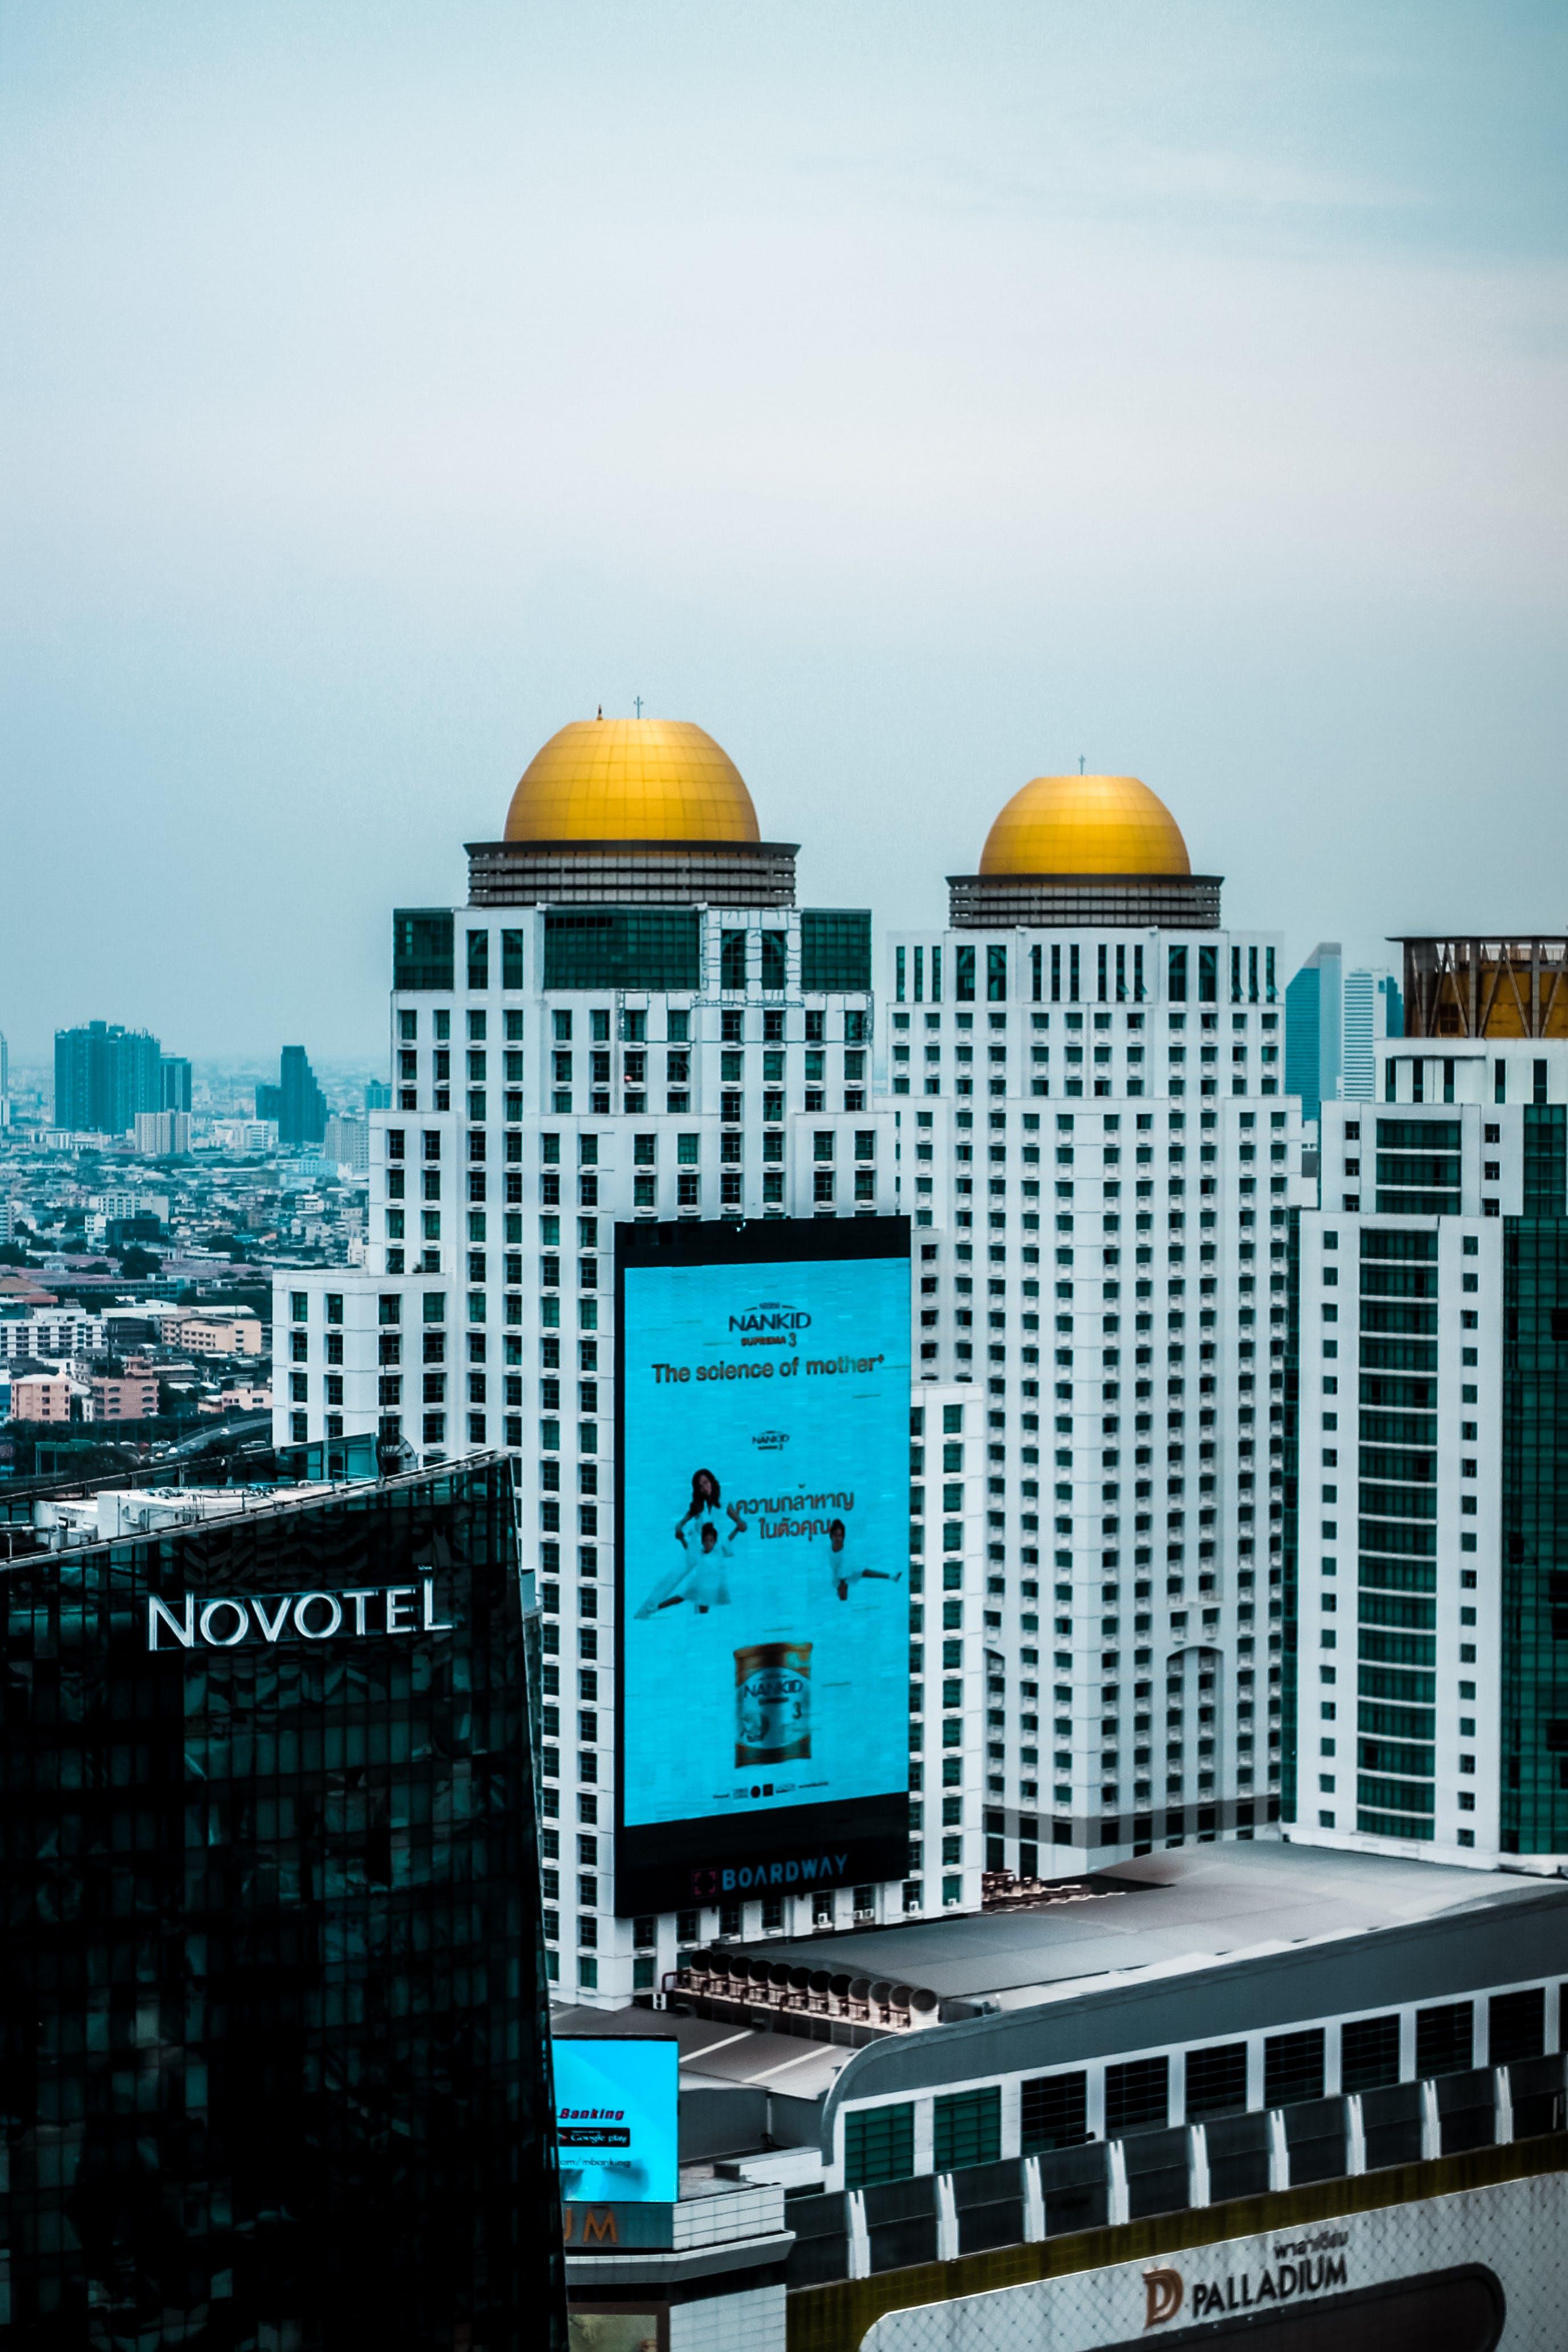 シティ, ダウンタウン, バンコク, 建物の無料の写真素材